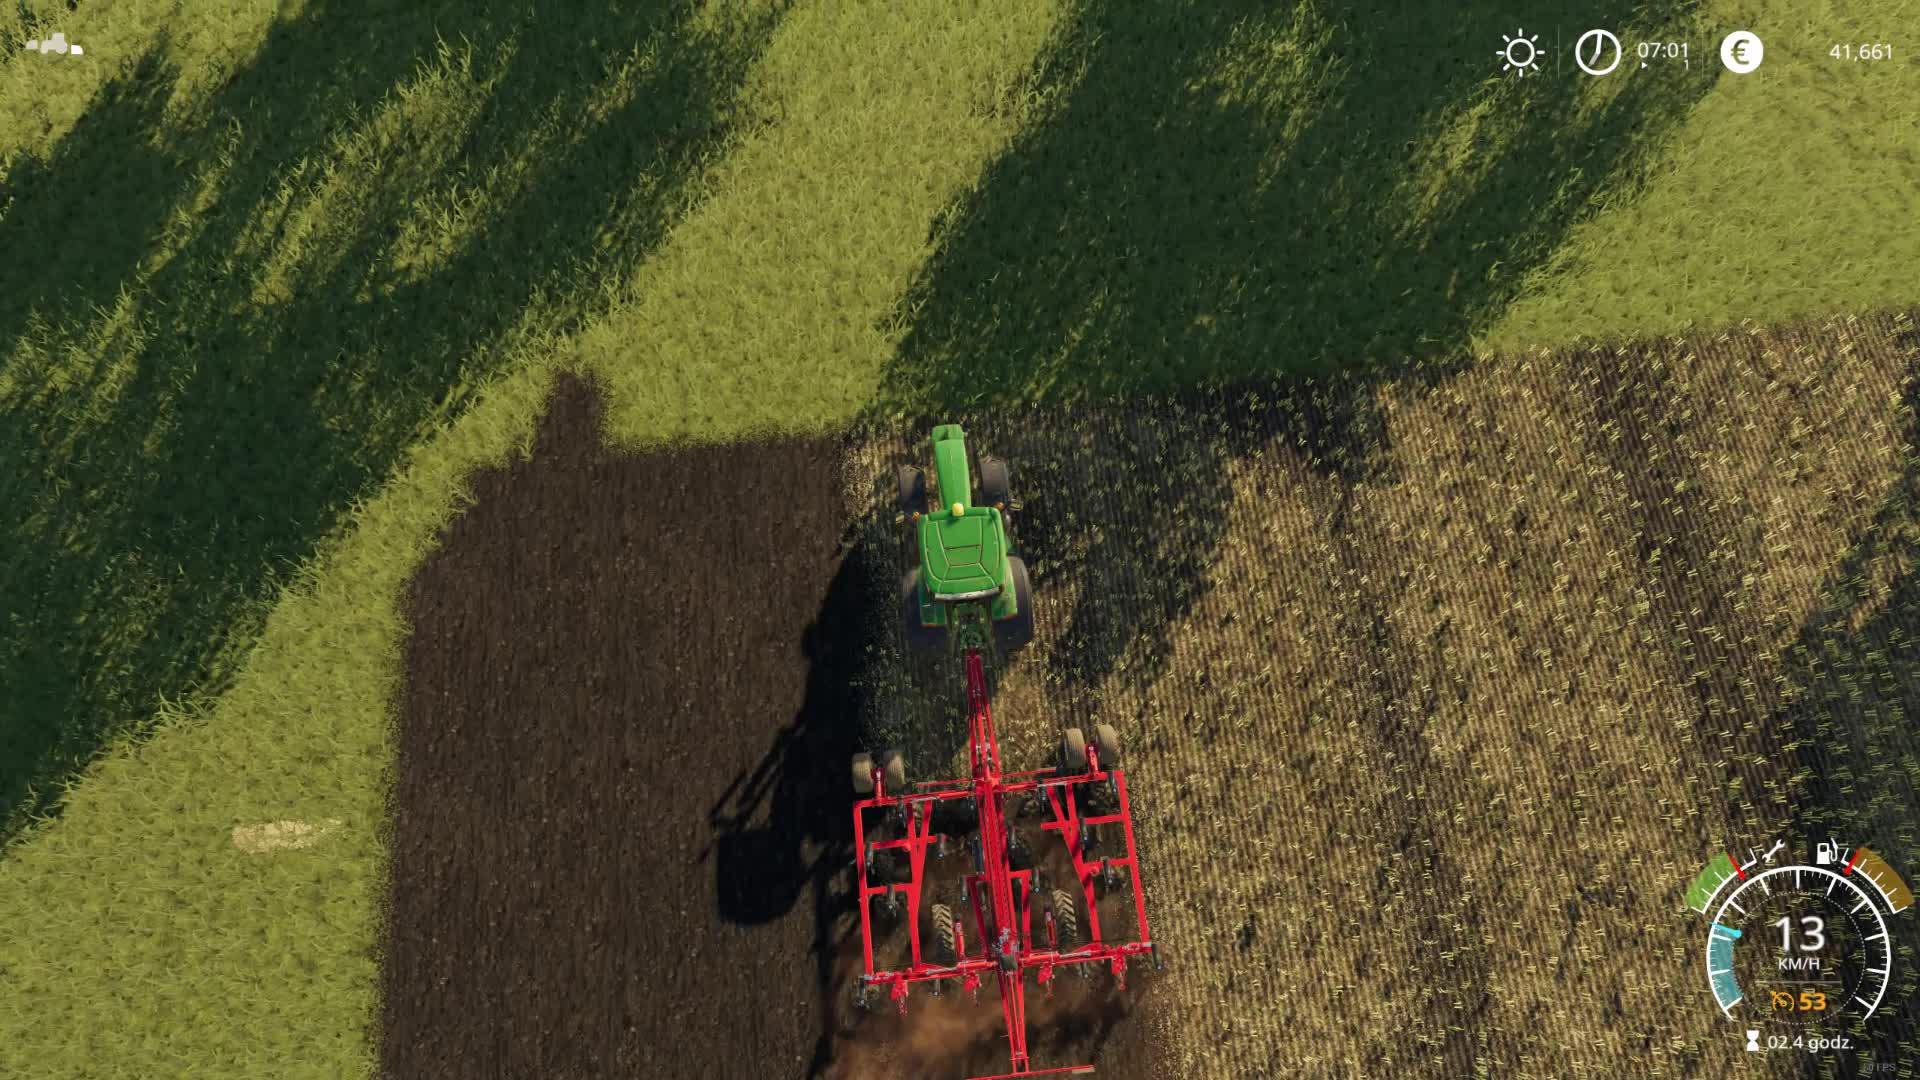 #farmingsimulator2019 #farmingsimulator, zawracanie GIFs